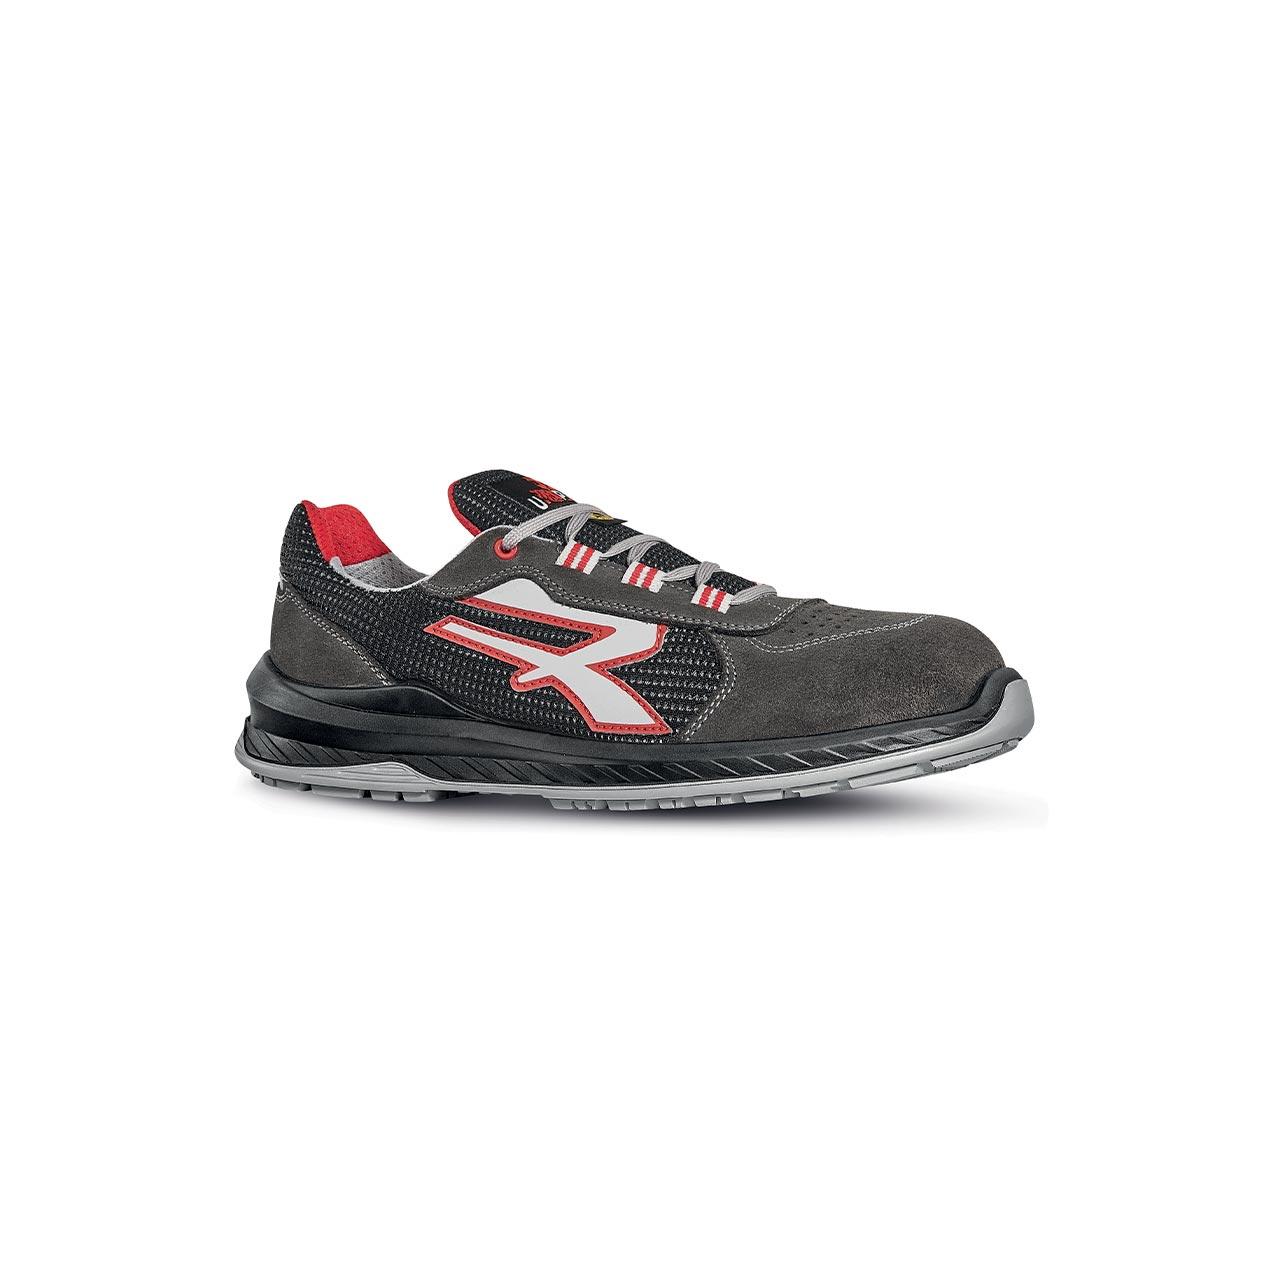 scarpa antinfortunistica upower modello demon linea redindustry vista laterale